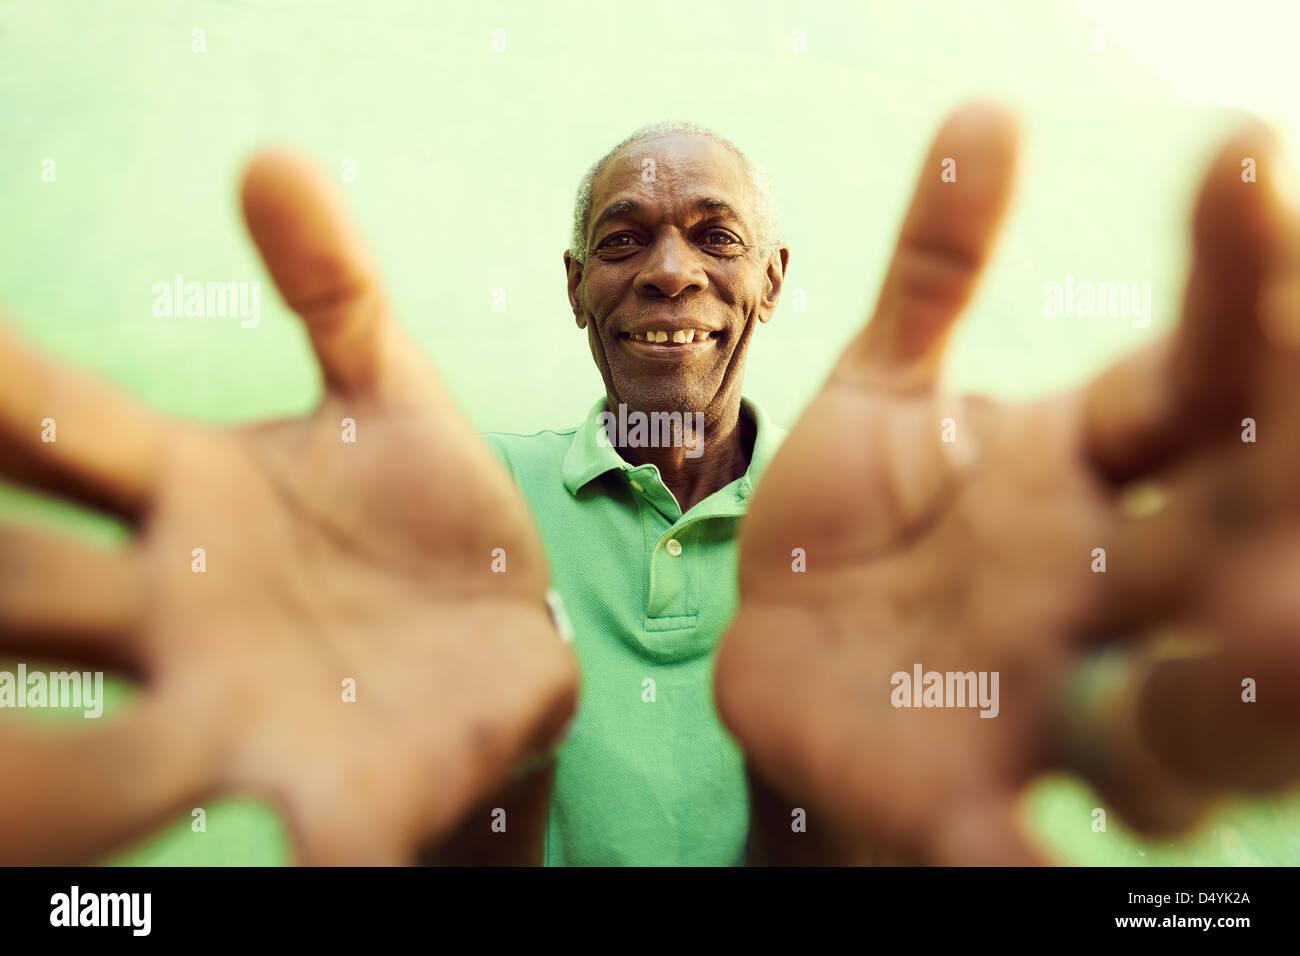 Retrato del hombre negro alto con las manos y brazos abiertos apuntando a la cámara. Fondo verde Imagen De Stock